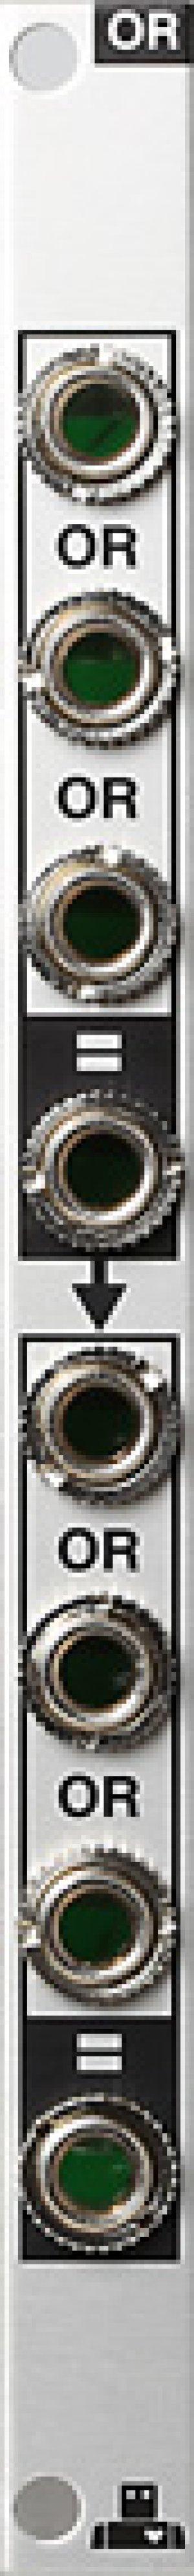 画像2: Intellijel Designs    OR